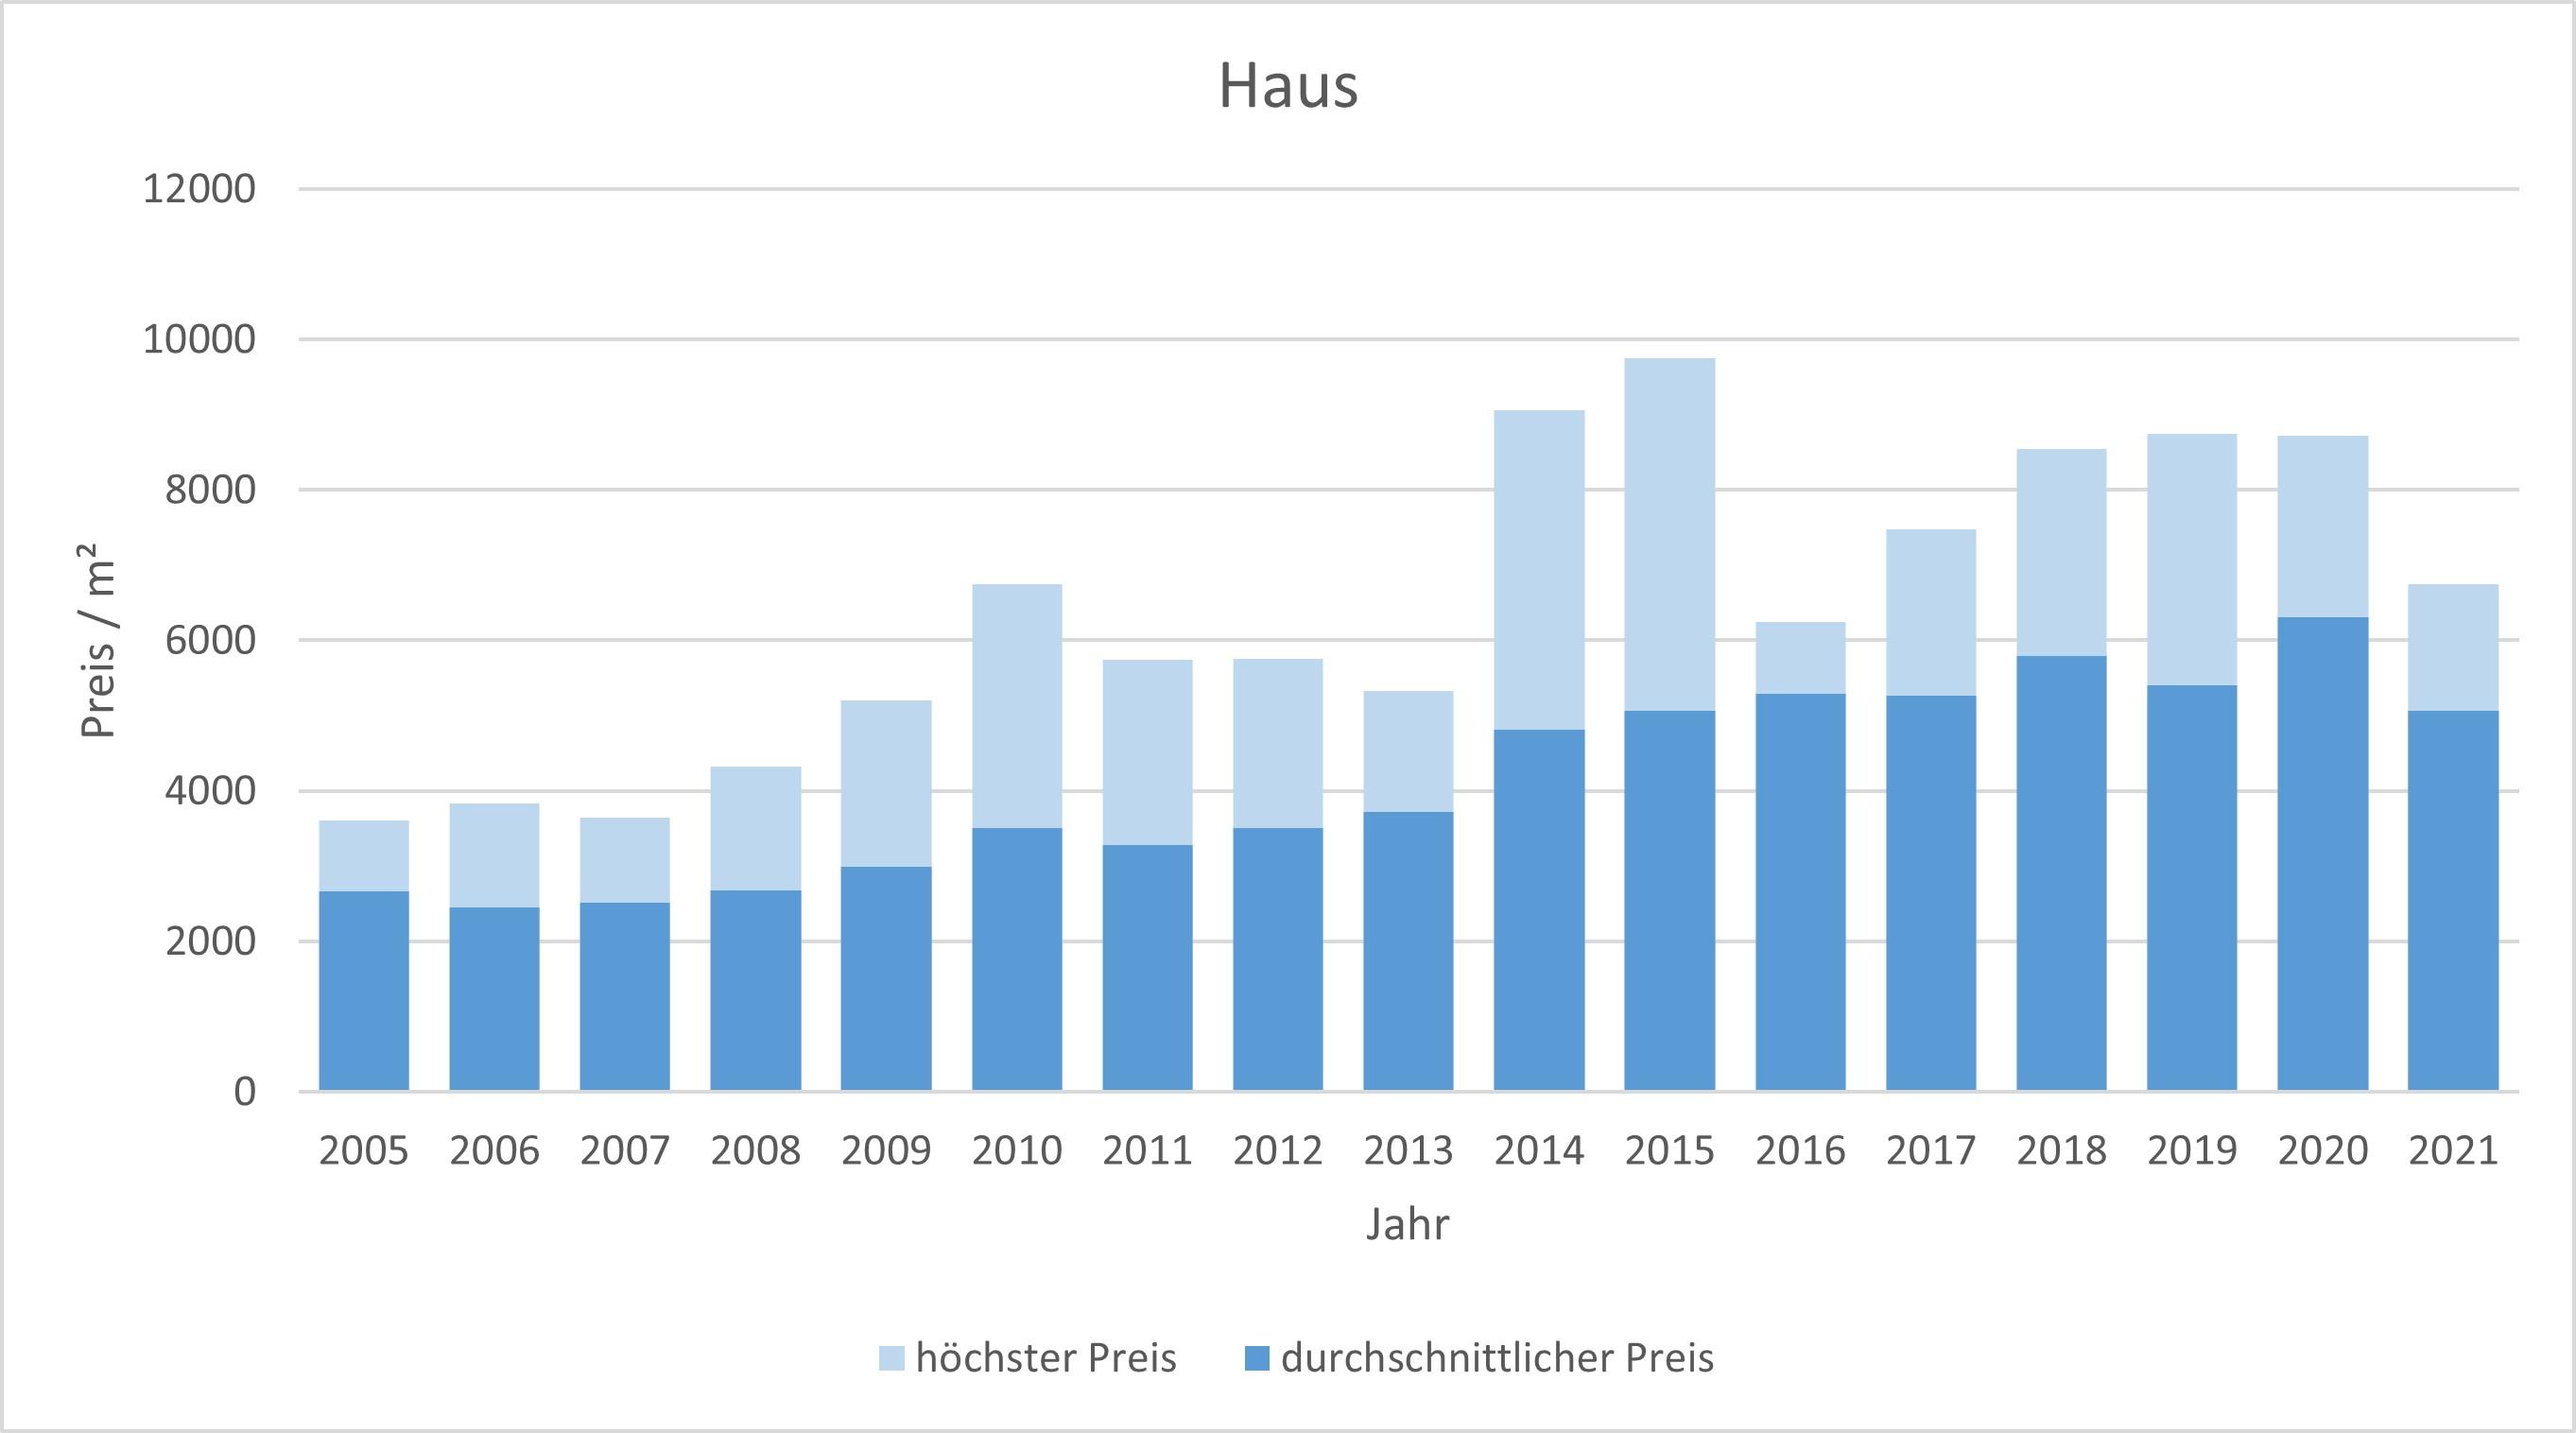 Aschheim Makler Haus Kaufen Verkaufen Preis Bewertung 2019, 2020, 2021